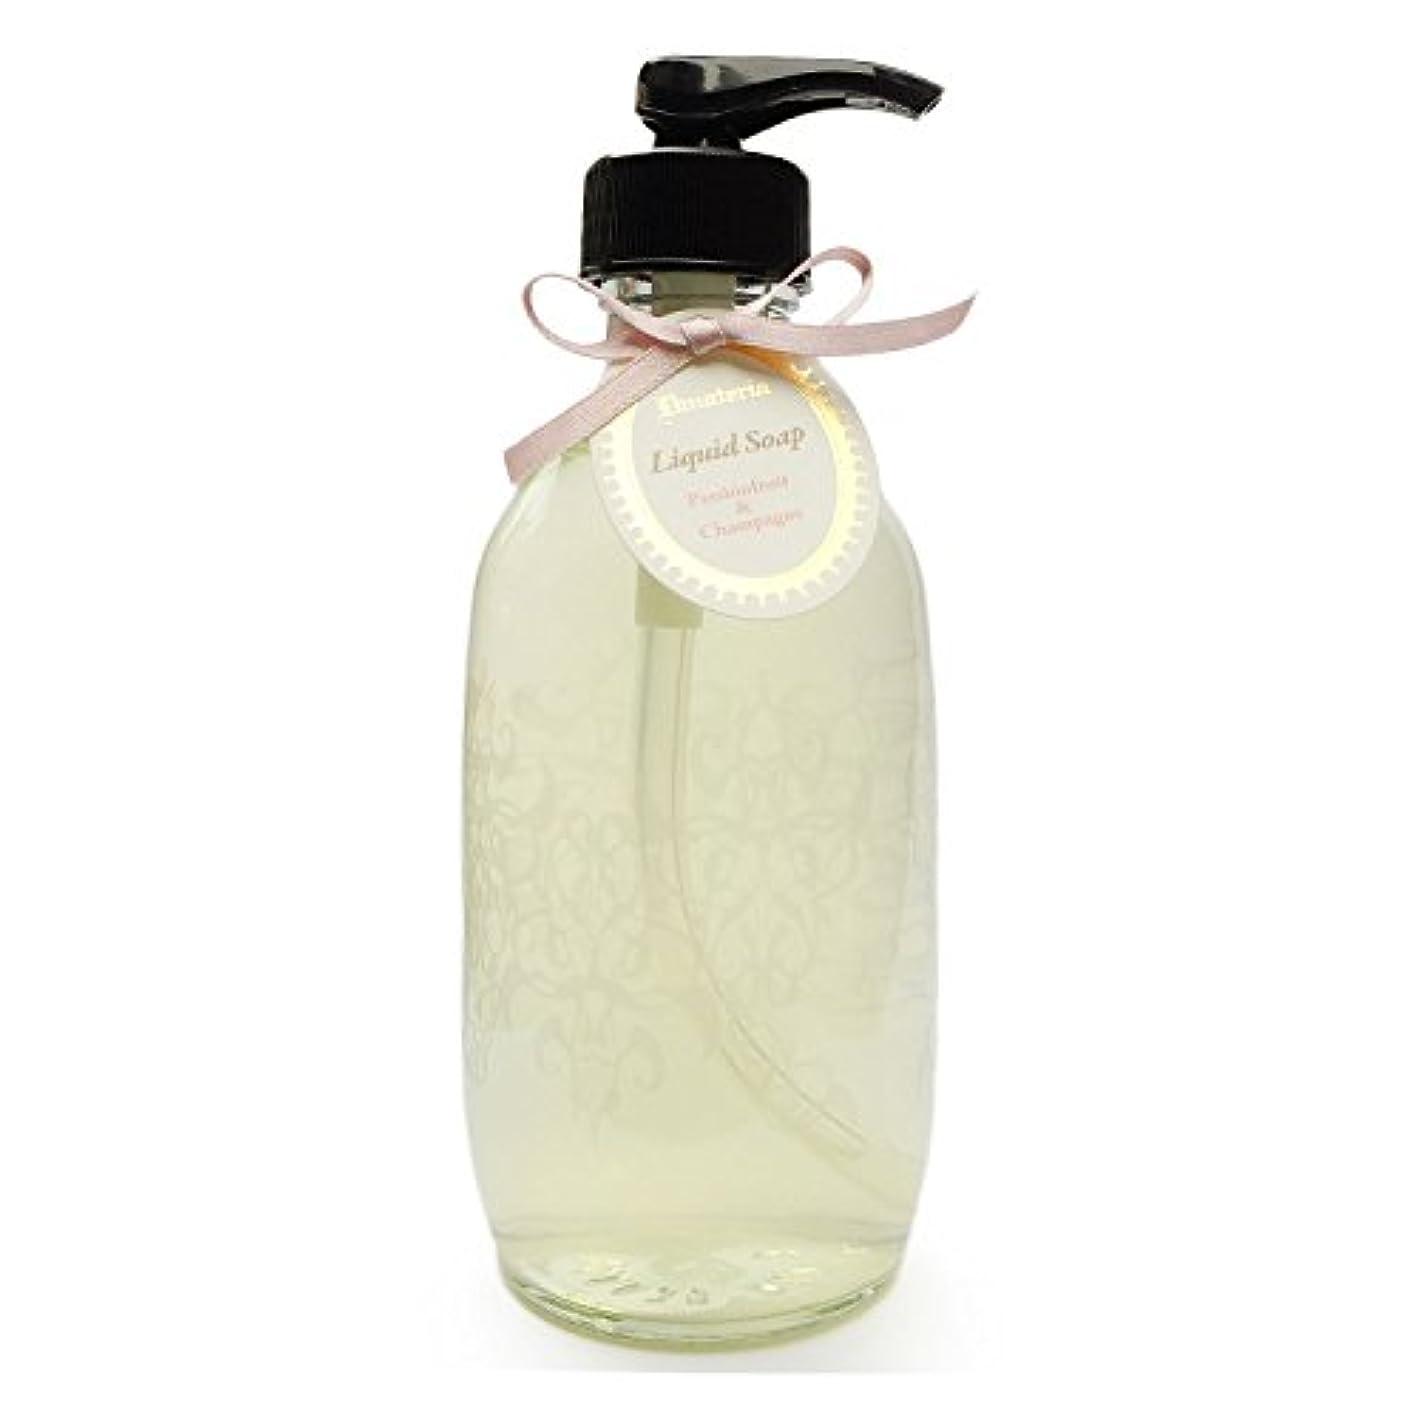 混雑教科書その結果D materia リキッドソープ パッションフルーツ&シャンパン Passionfruit&Champagne Liquid Soap ディーマテリア